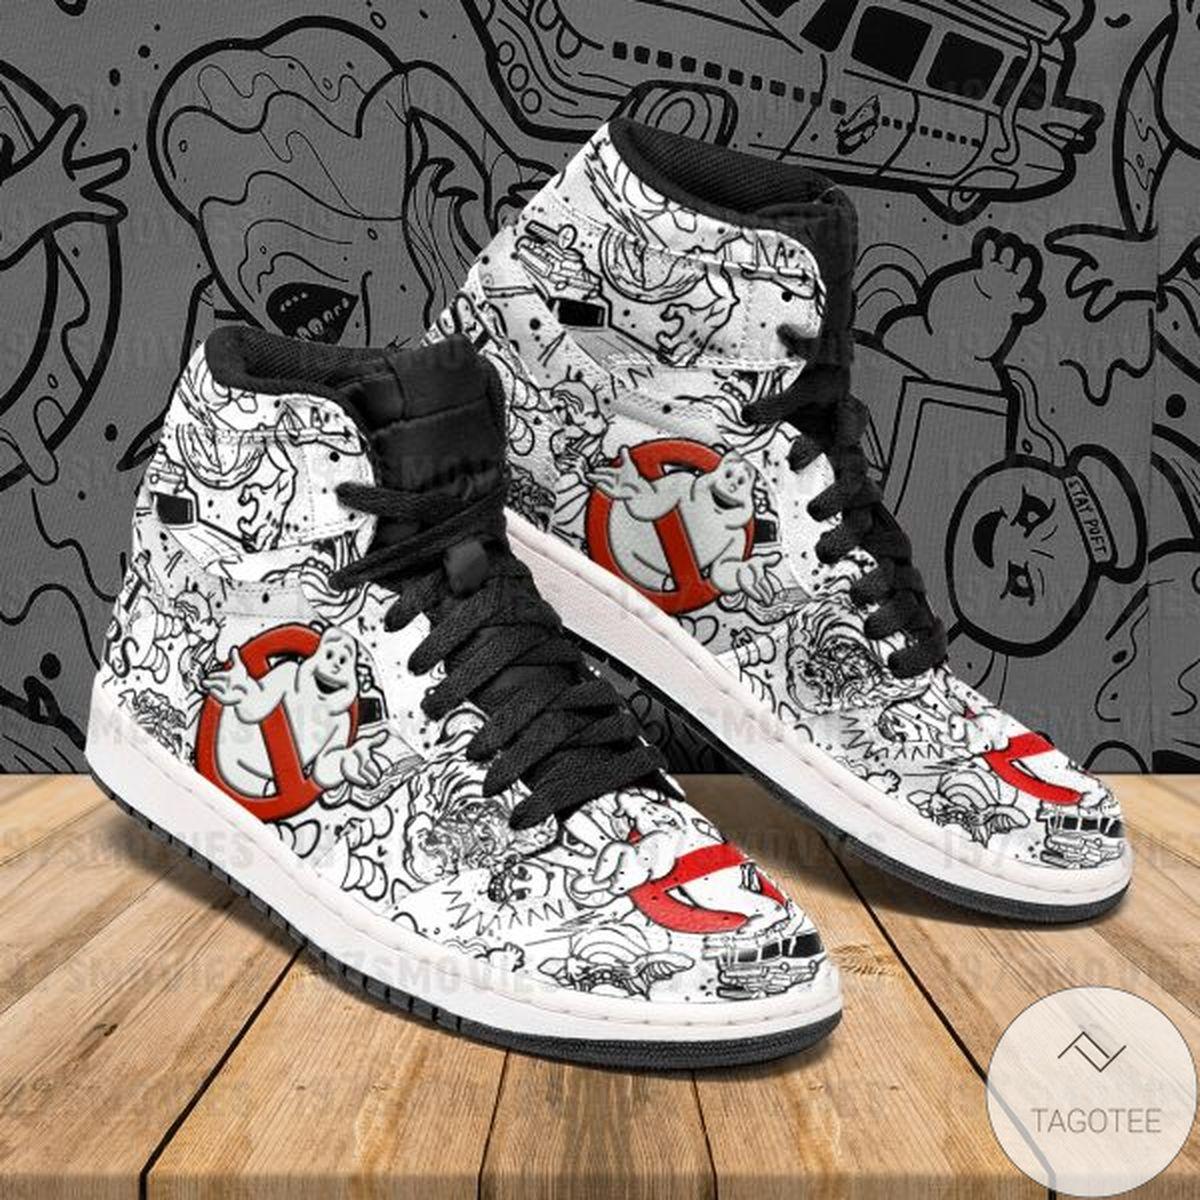 Ghostbusters Sneaker Air Jordan High Top Shoes